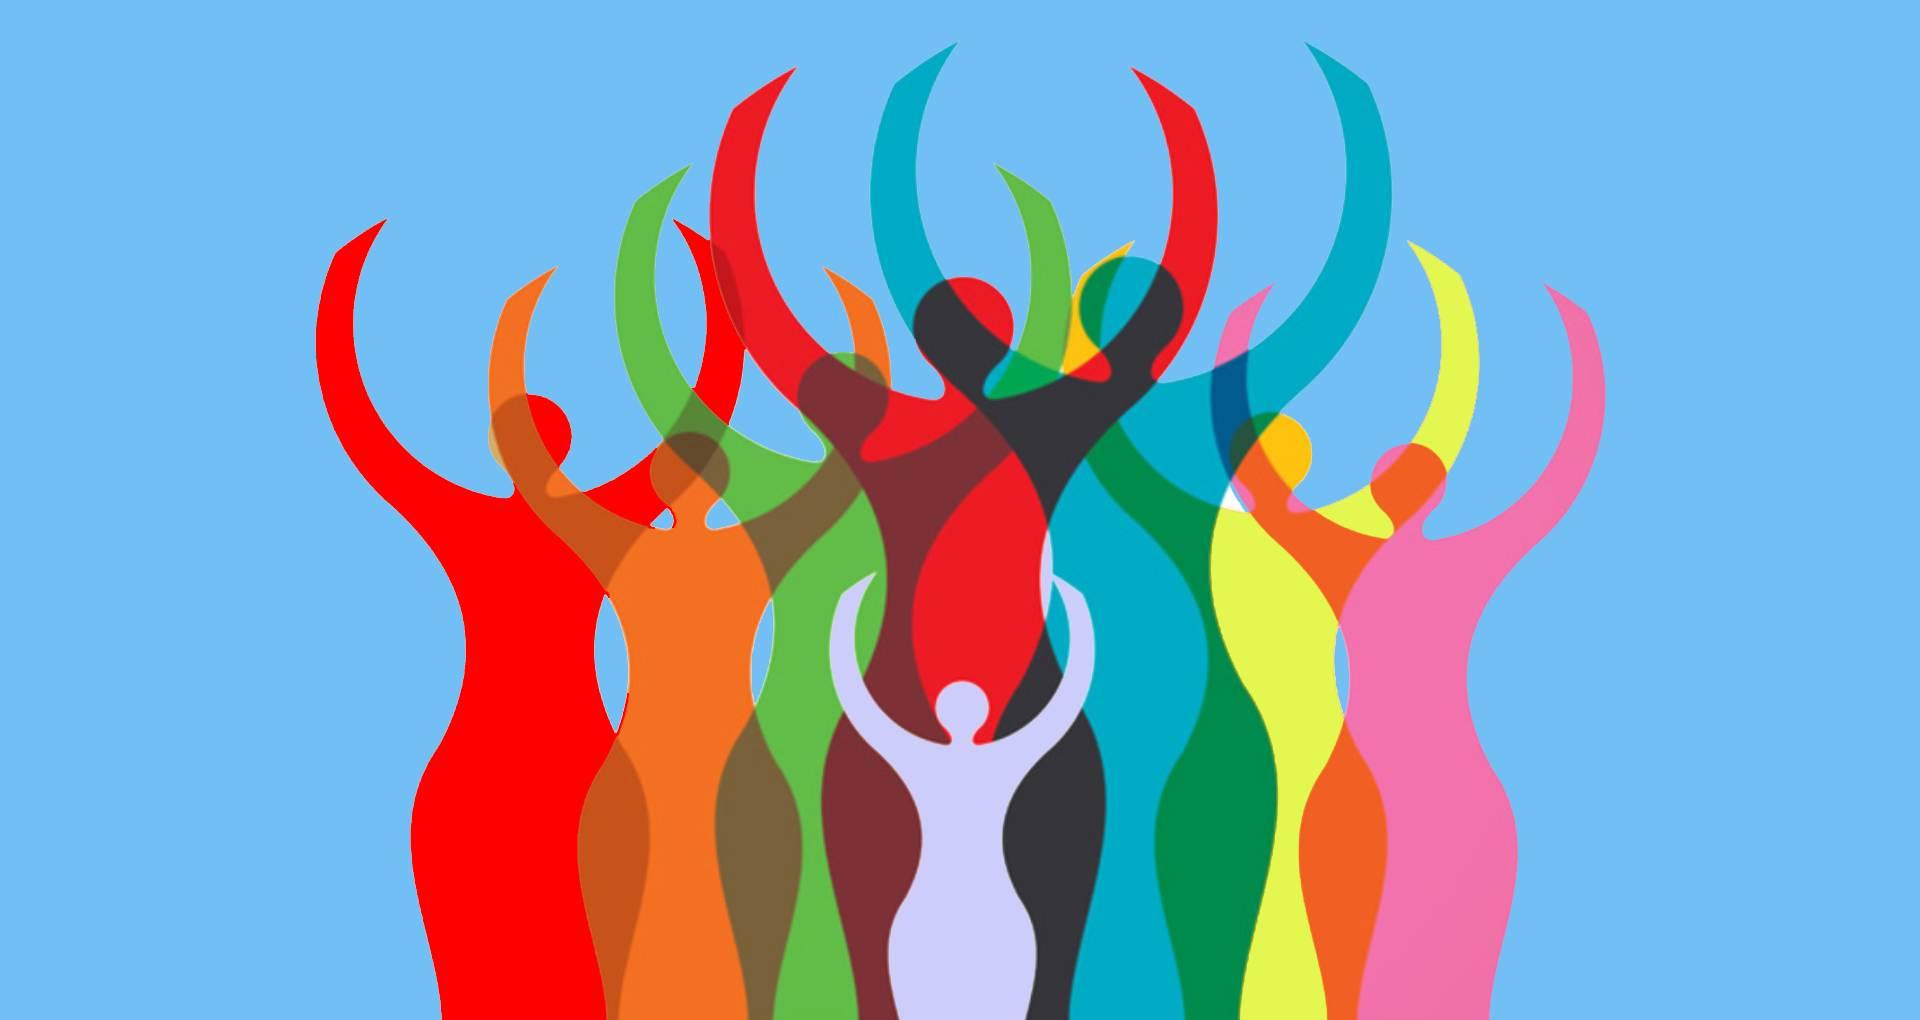 Me Too: बॉलीवुड में यौन शोषण सहित इन मुद्दों पर लड़ेगी SWA-CINTAA, एक्शन लेने के लिए बनाई ज्वाइंट कमेटी